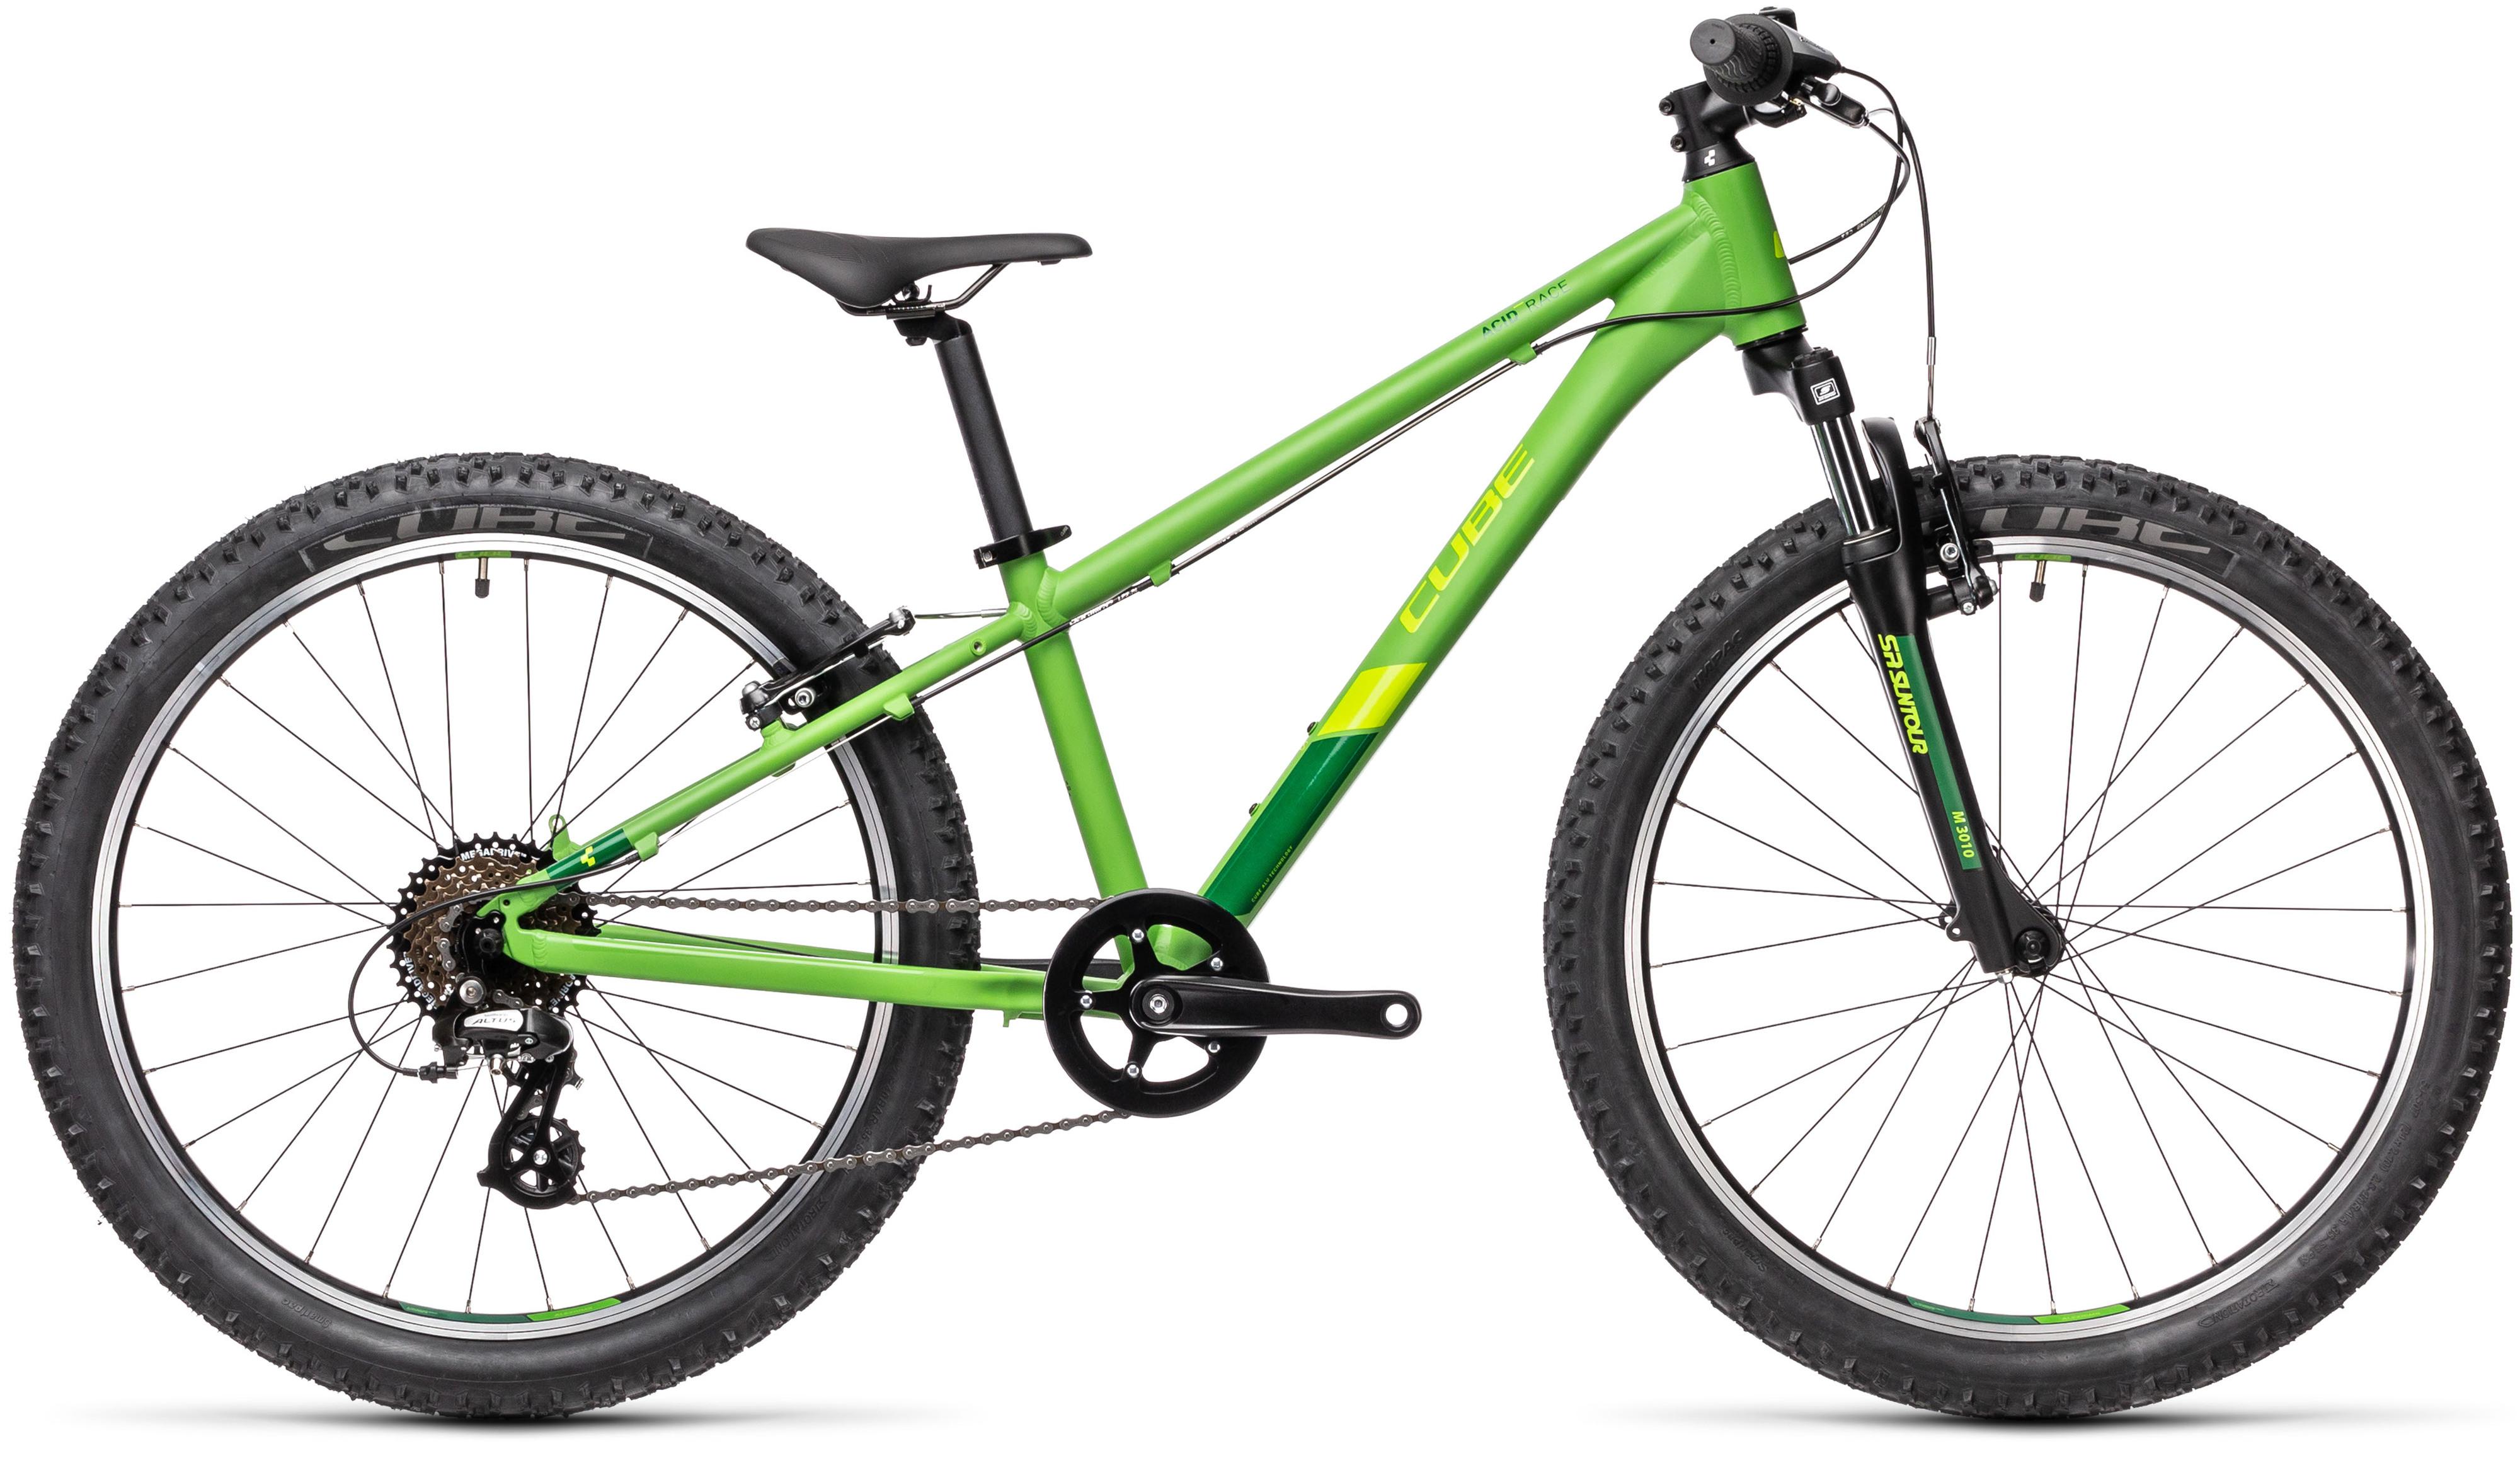 Cube Acid 240 Boys 24 Kids Bike 2021 Green/Pine